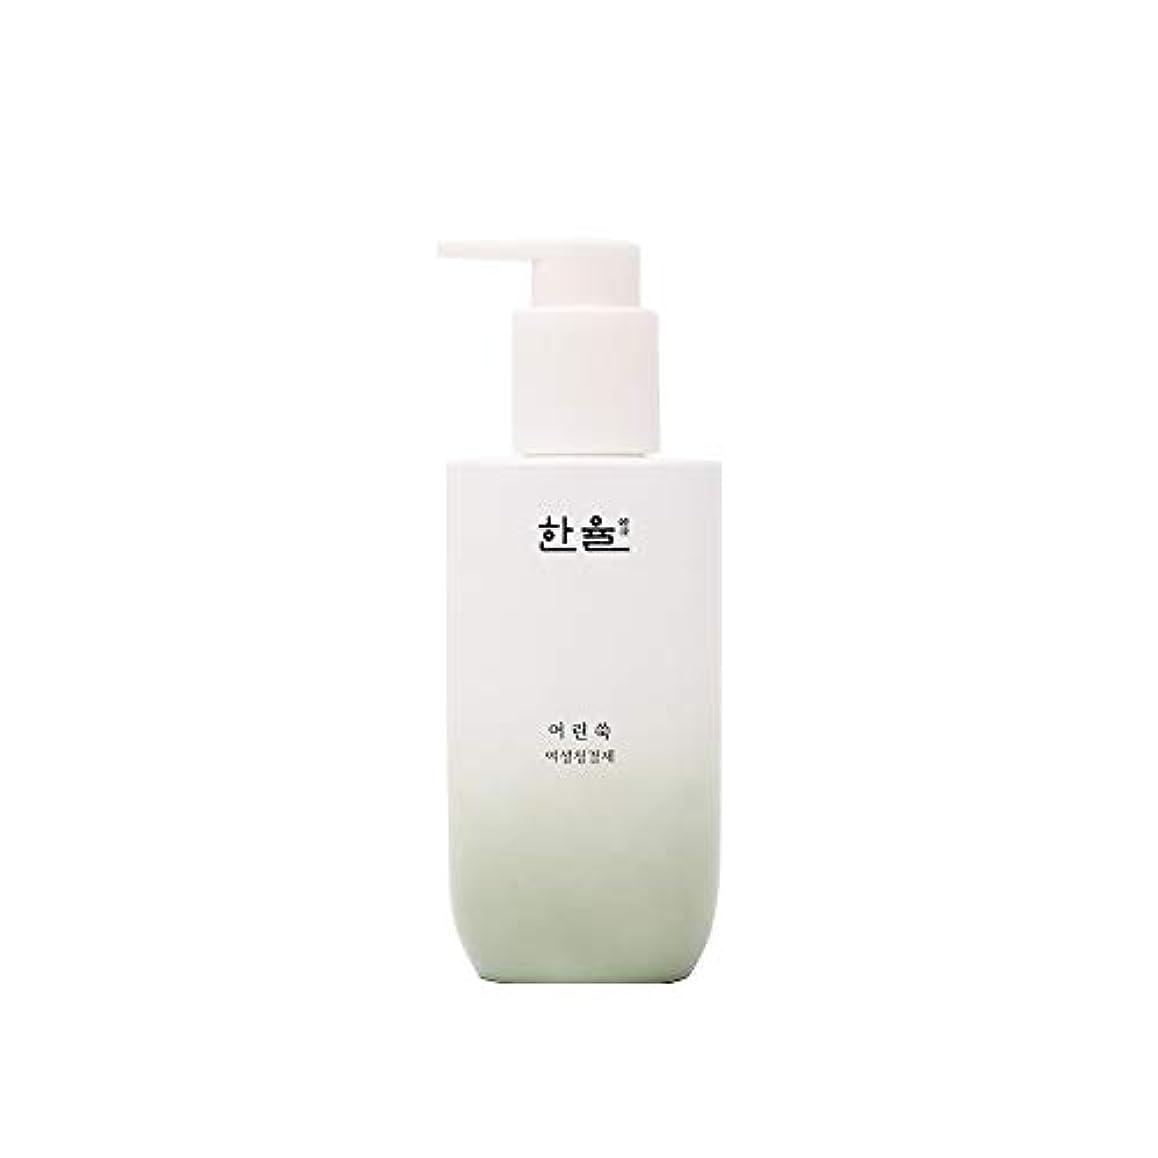 終わった効能慢【HANYUL公式】 ハンユル フェミニンケアジェル 200ml / Hanyul Pure Artemisia Feminine care gel 200ml